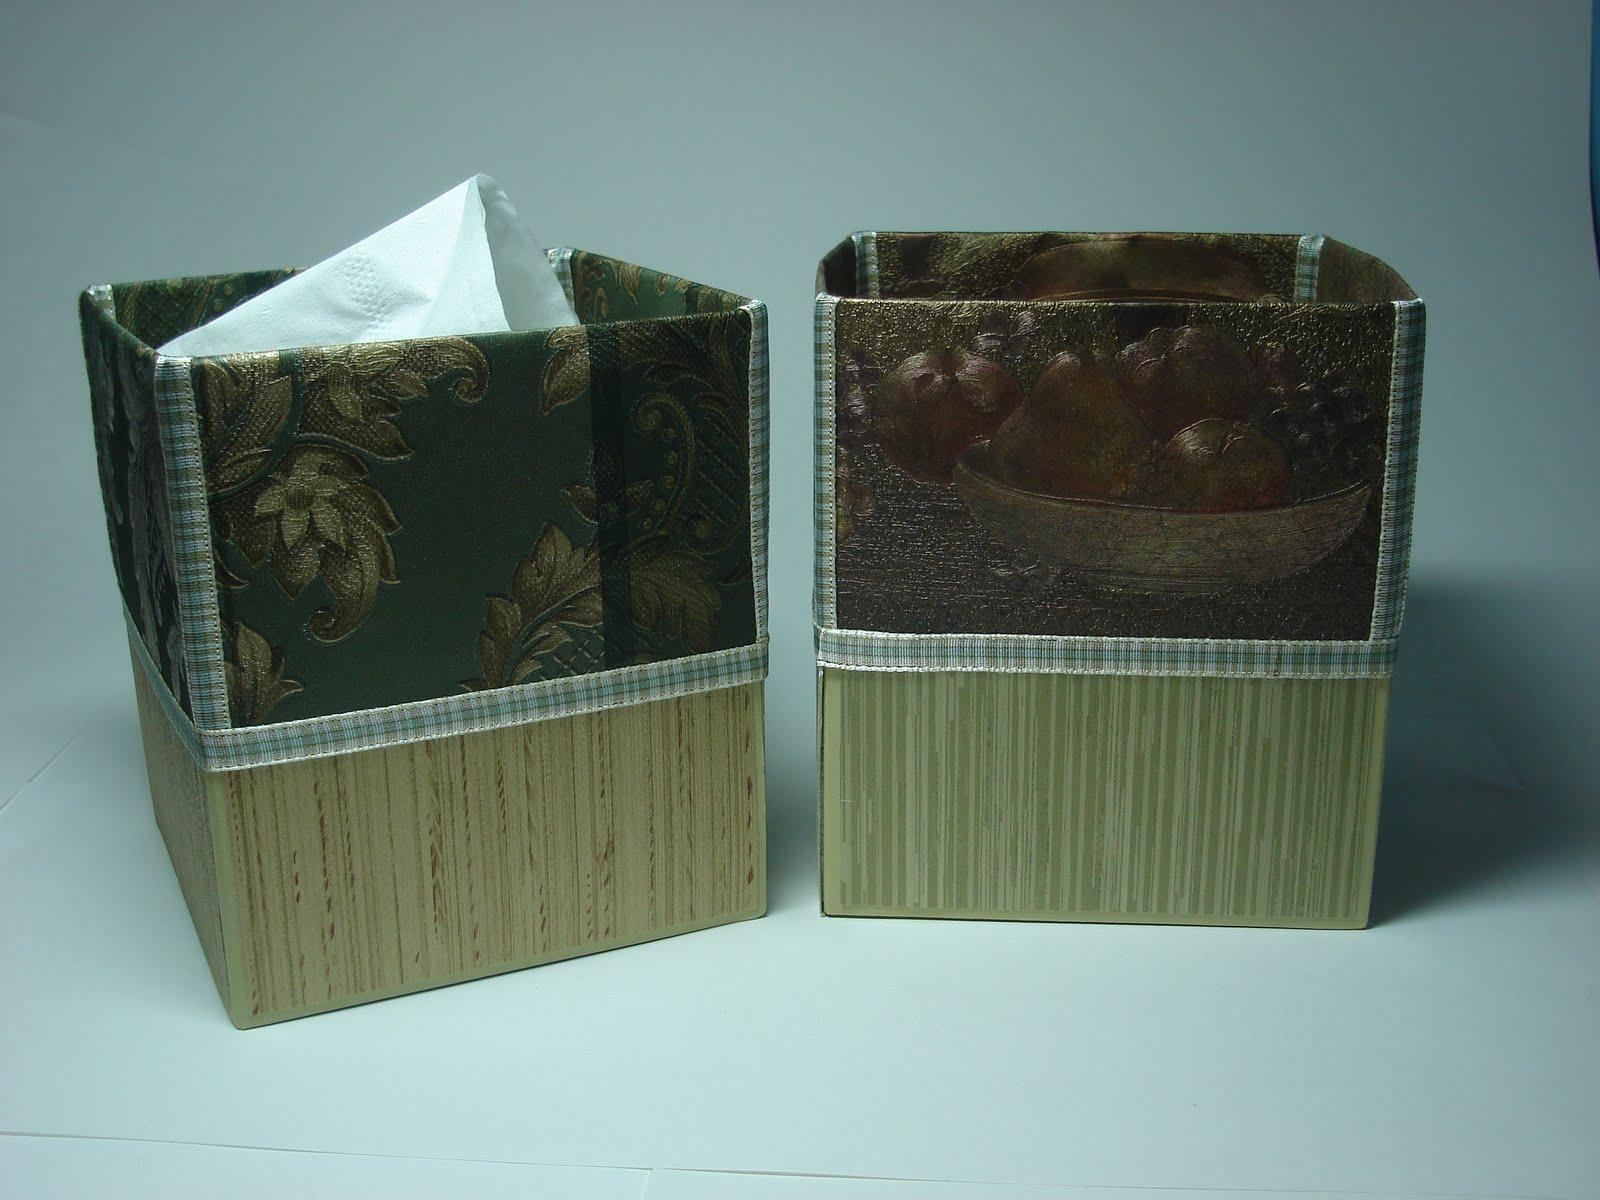 http://4.bp.blogspot.com/_6LffWV_J498/S6oe-knRa5I/AAAAAAAAAlI/UeNEp8qxxp0/s1600/covered+boxes.jpg